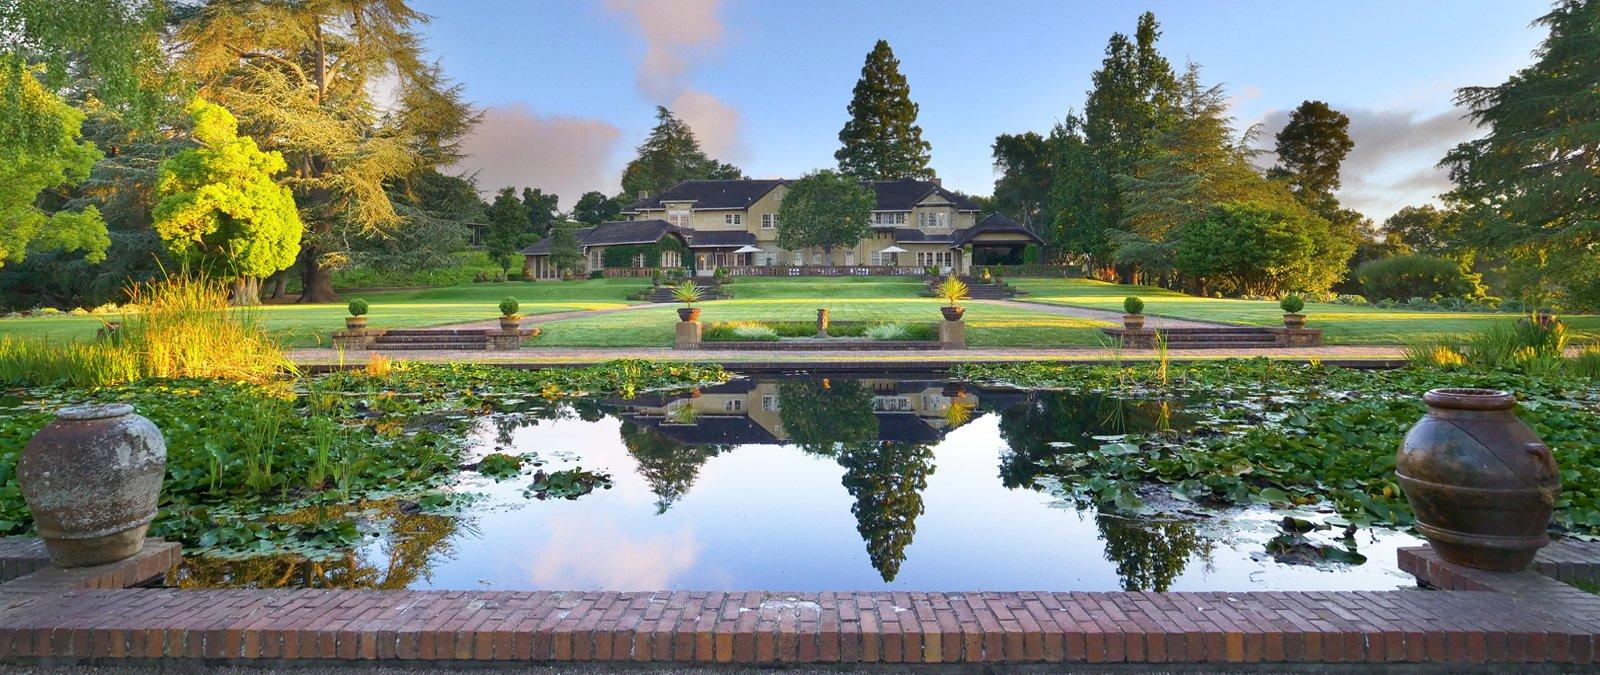 Pond w Big House